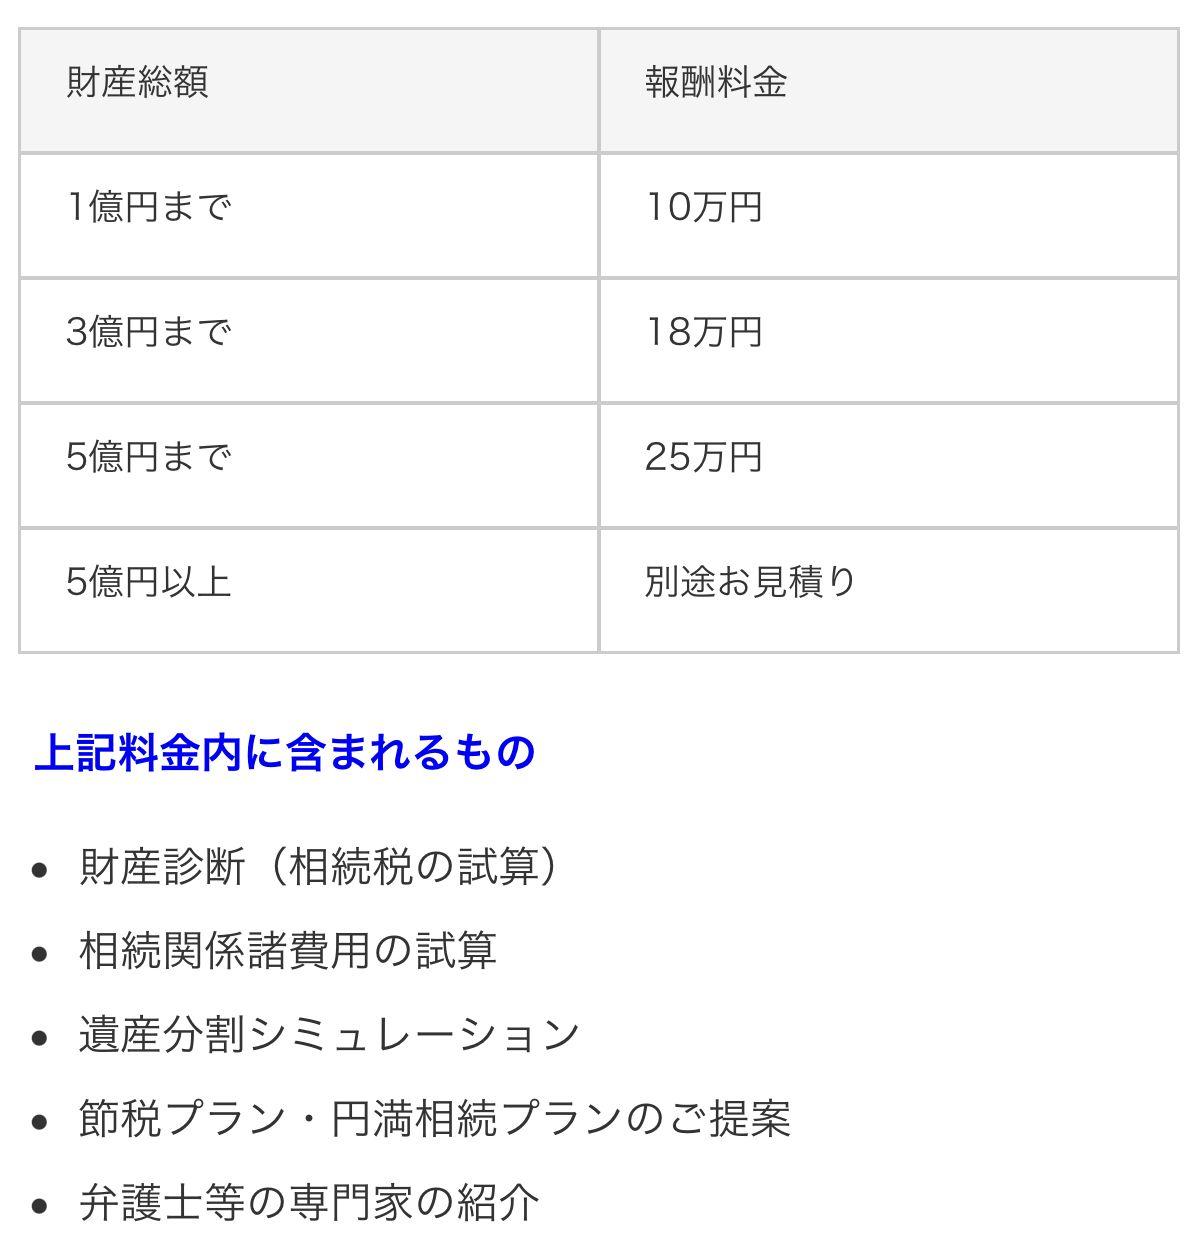 戸塚税理士事務所